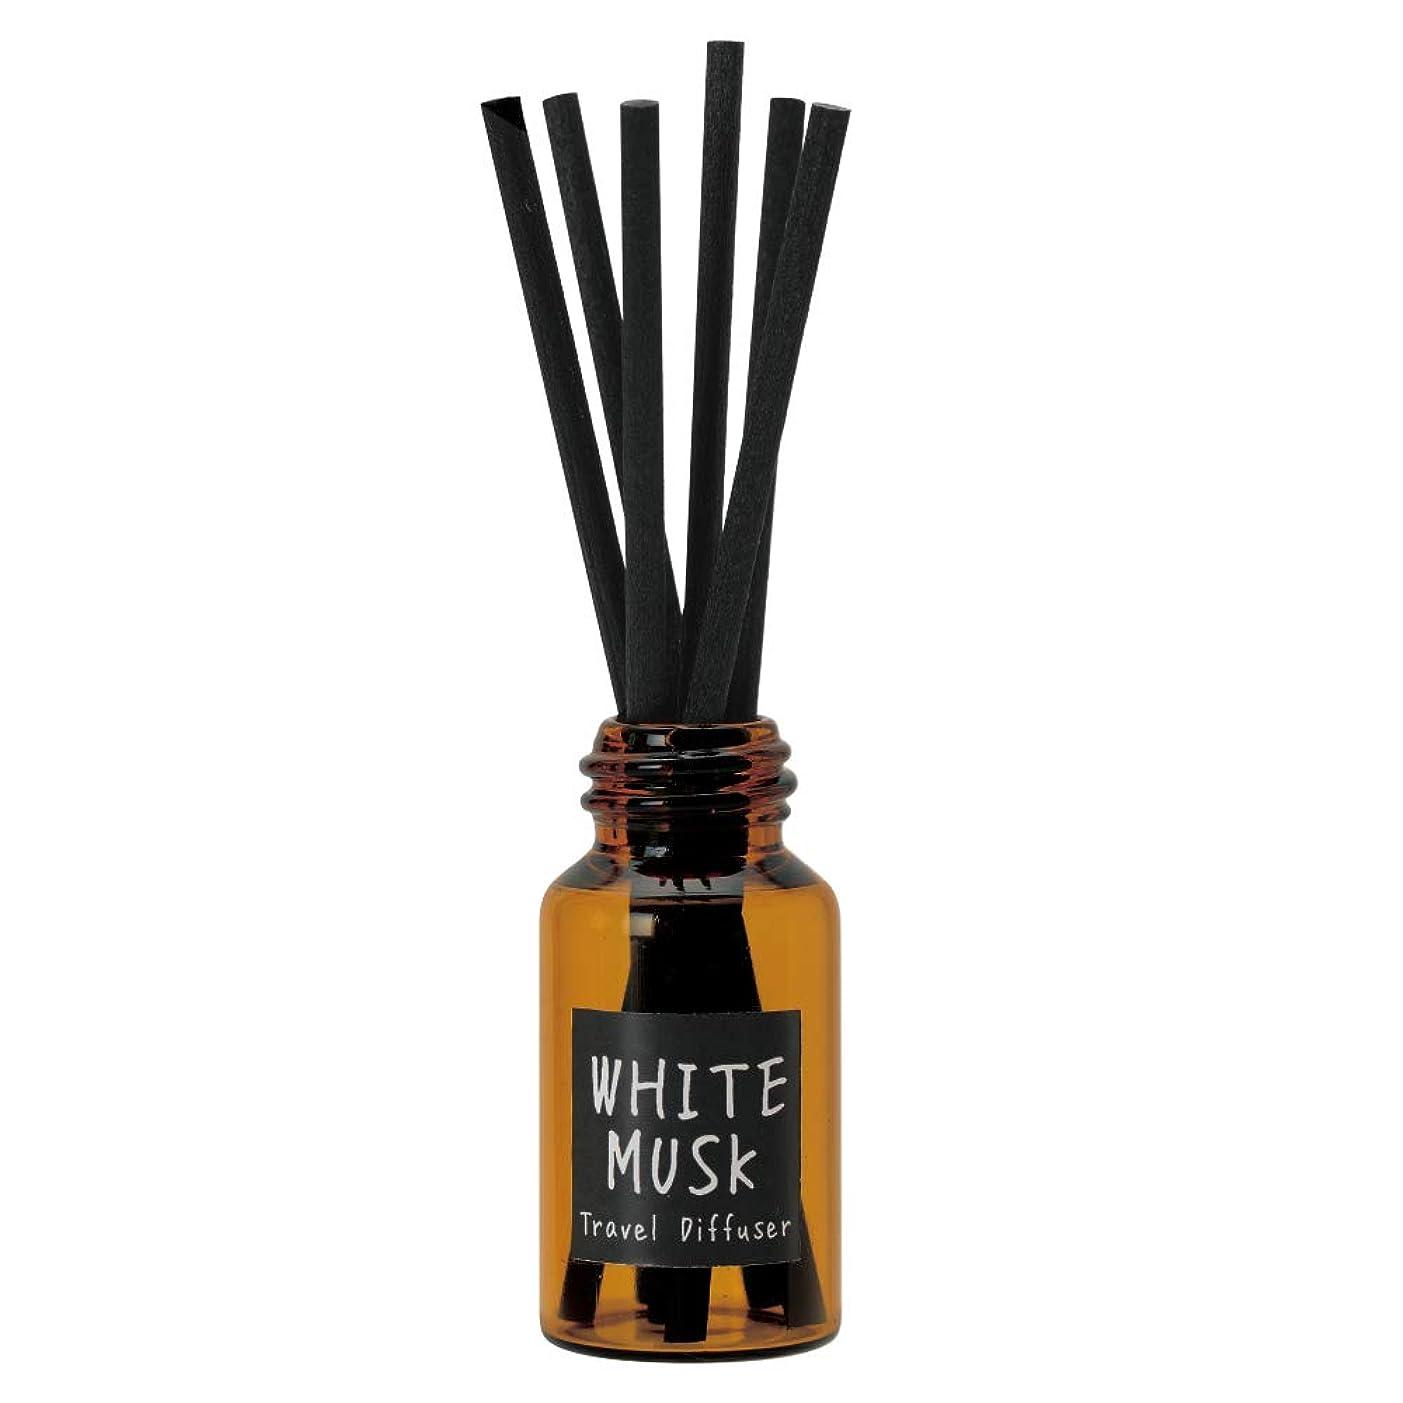 寄付溝プロフェッショナルノルコーポレーション John's Blend ルームフレグランス リードディフューザー ミニ OA-JON-16-1 ホワイトムスクの香り 15cm